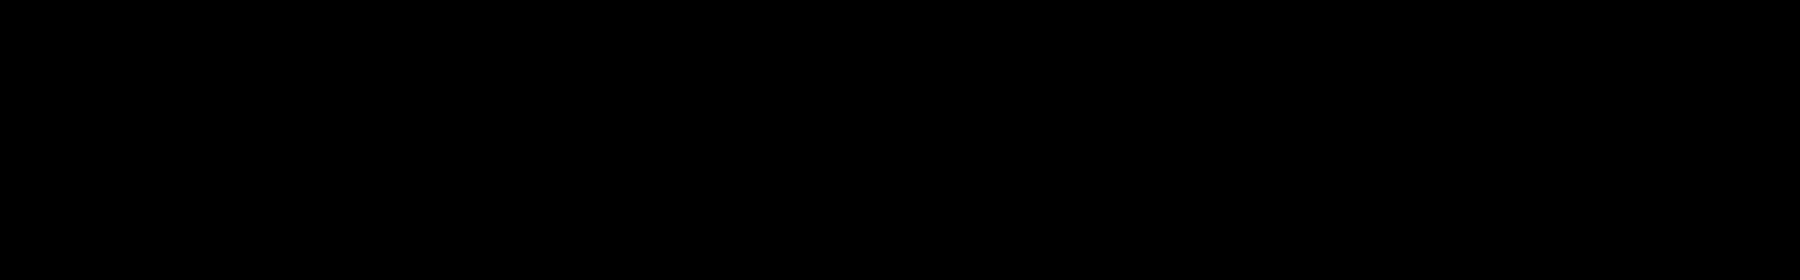 Layers audio waveform